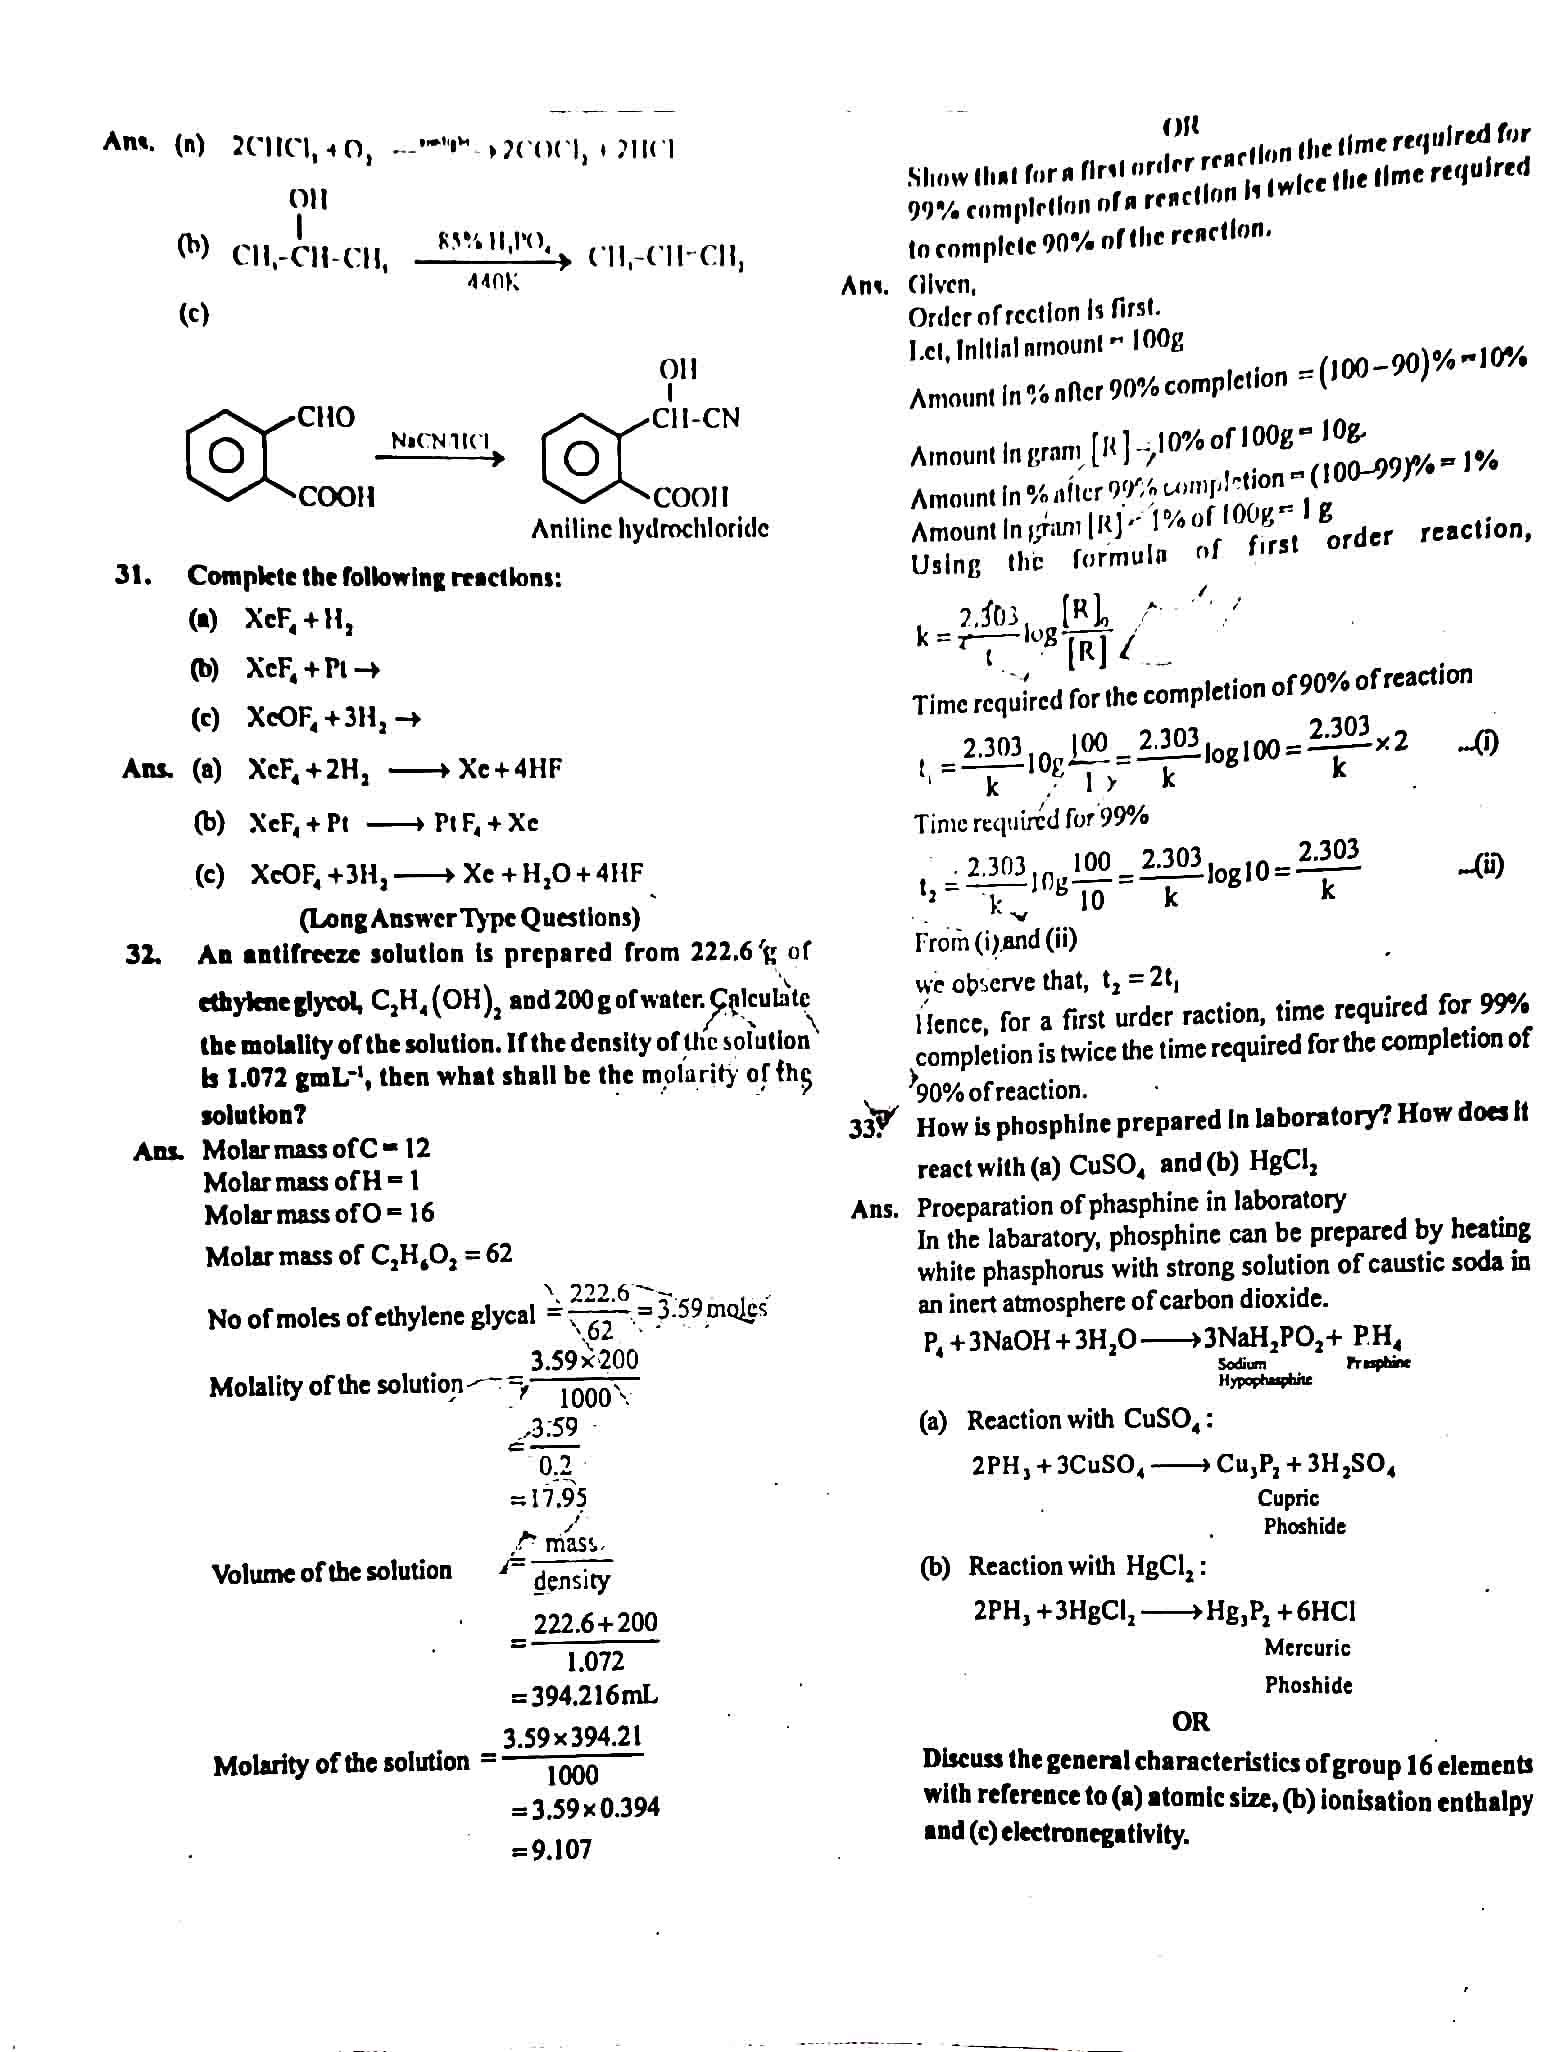 JAC Class 12 chemistry 2018 Question Paper 04